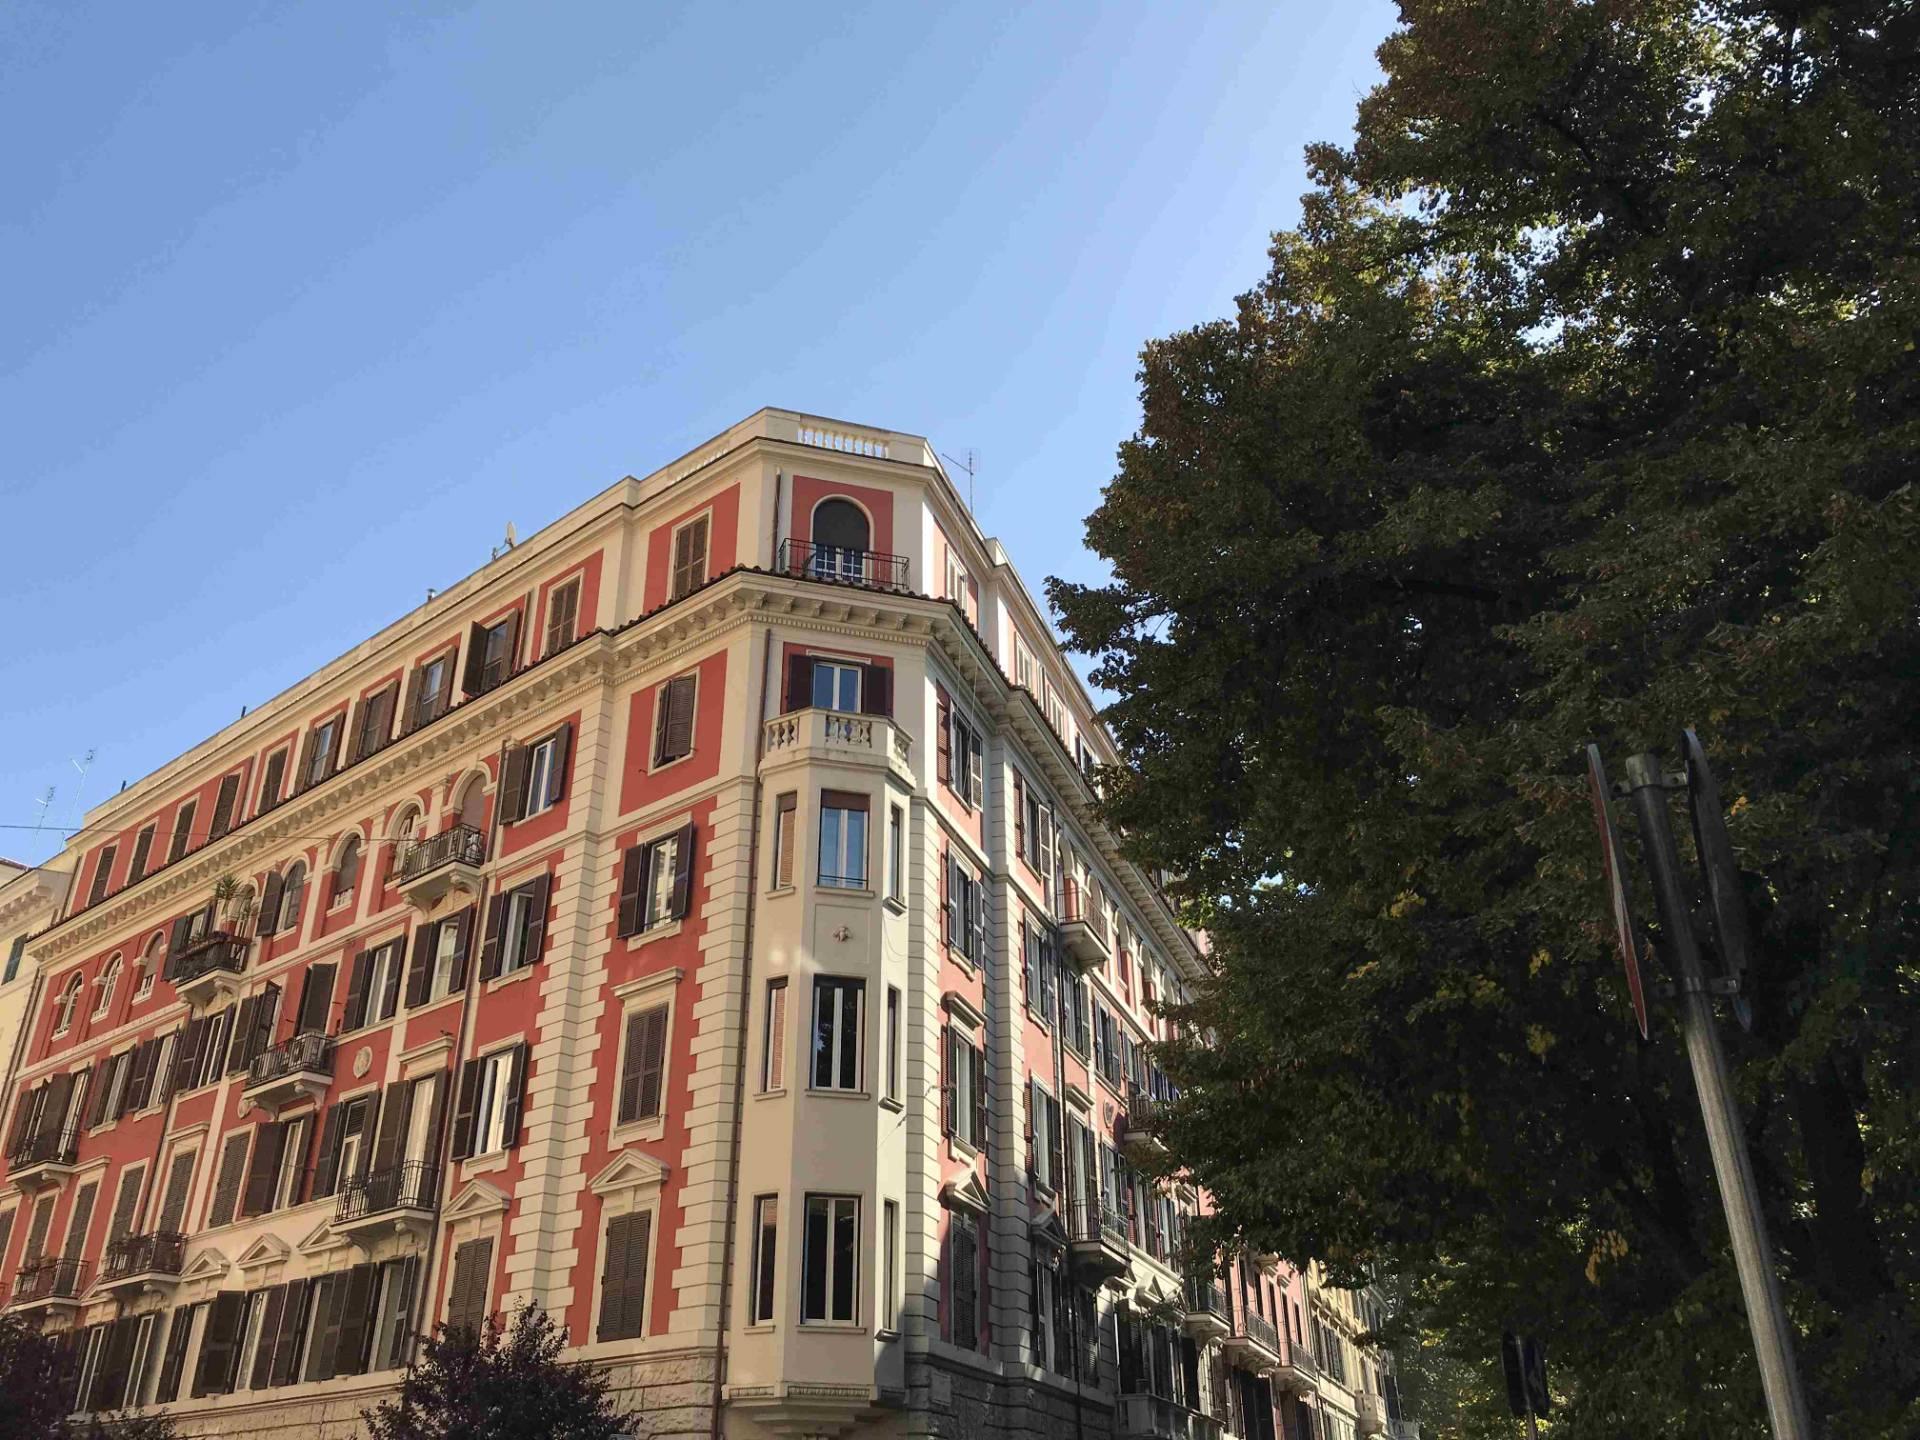 Appartamento in Vendita a Roma 06 Nuovo / Salario / Prati fiscali: 3 locali, 96 mq